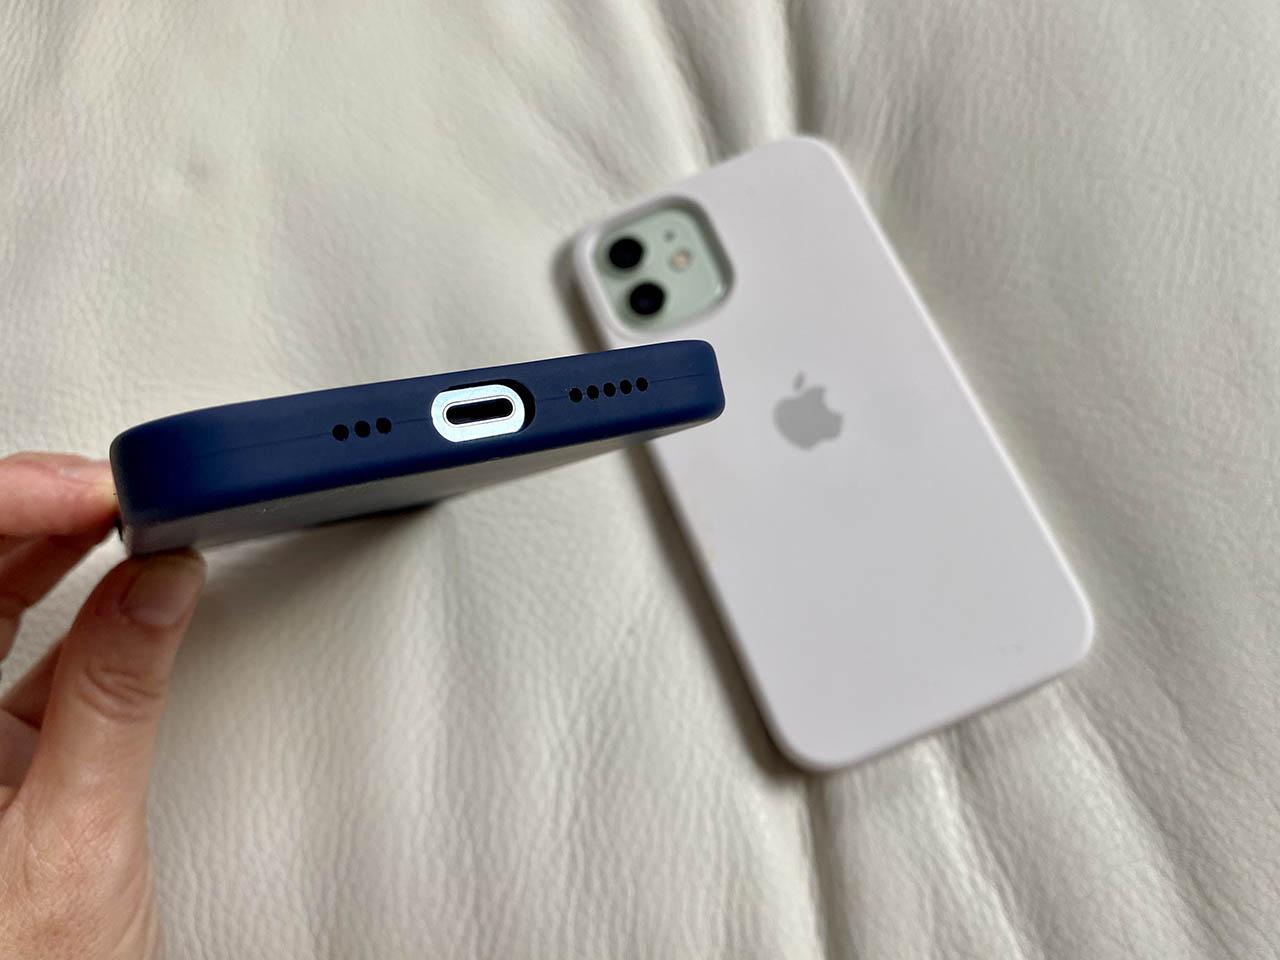 Apple siliconenhoes voor iPhone 12: opening aan onderkant